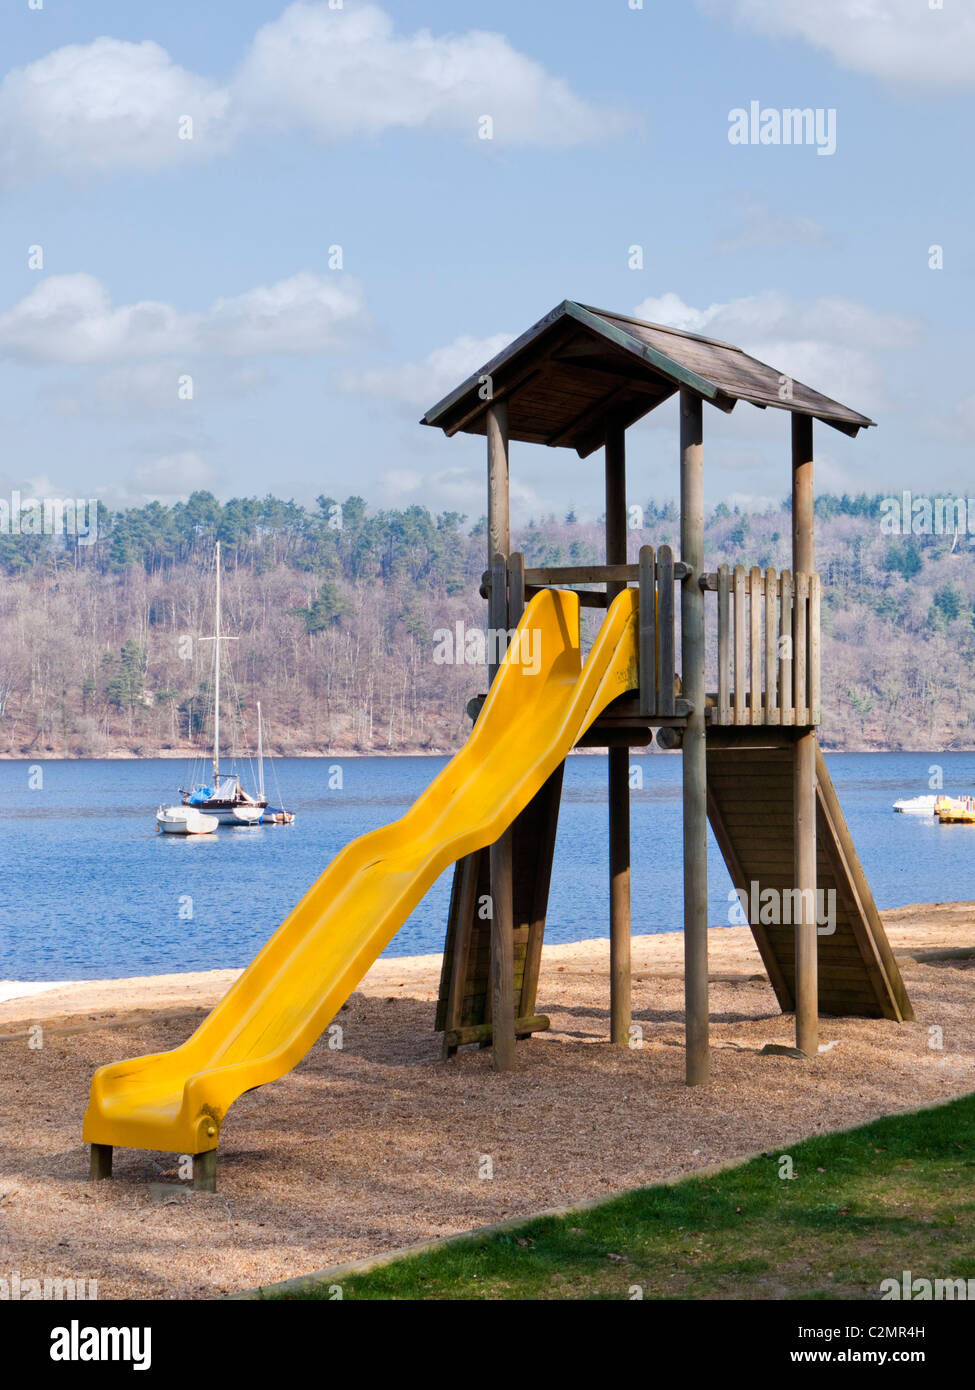 Diapositiva de playground para niños junto a un lago Imagen De Stock